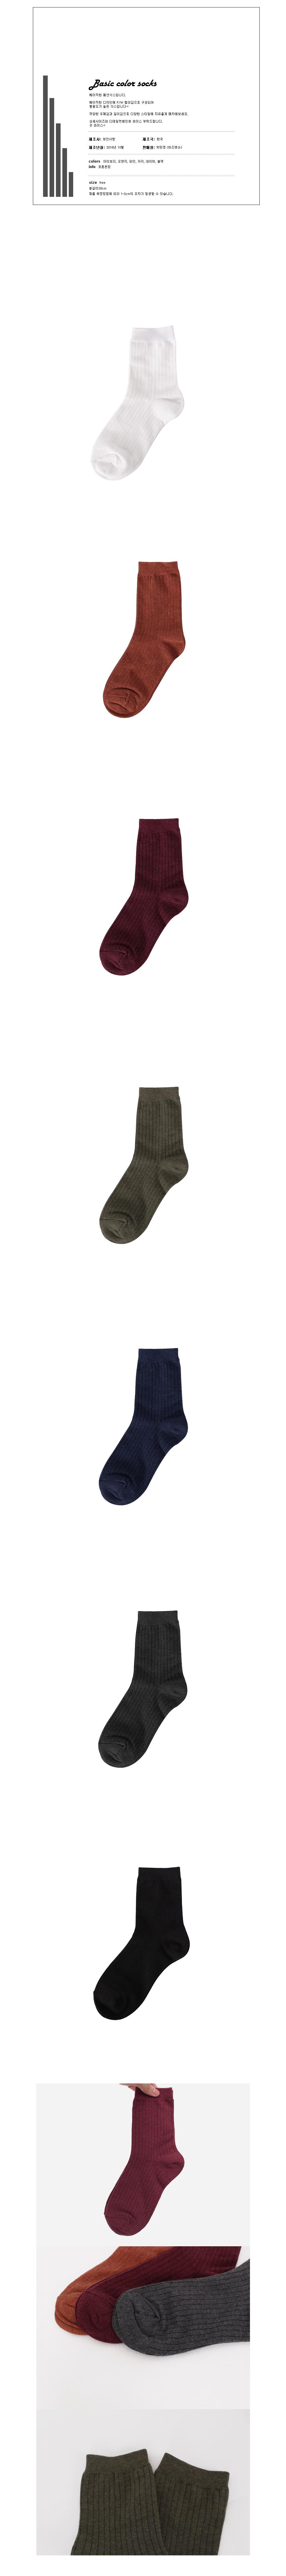 Basic color socks (7color)